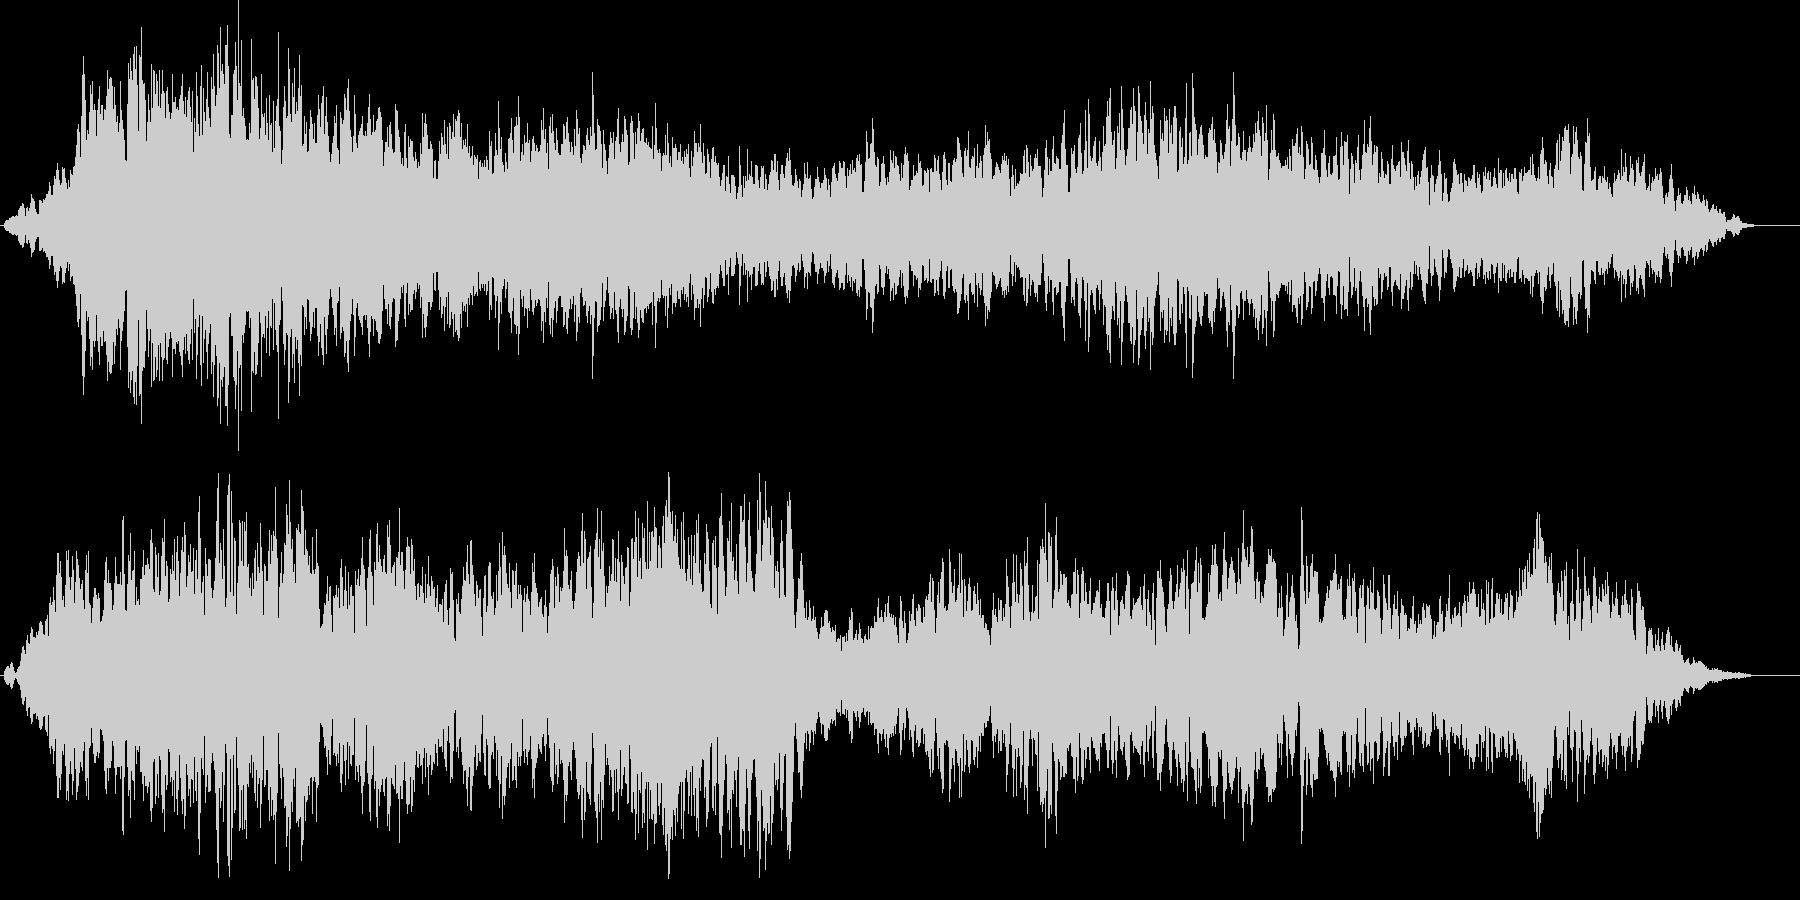 アンビエント ambient 空間 音の未再生の波形